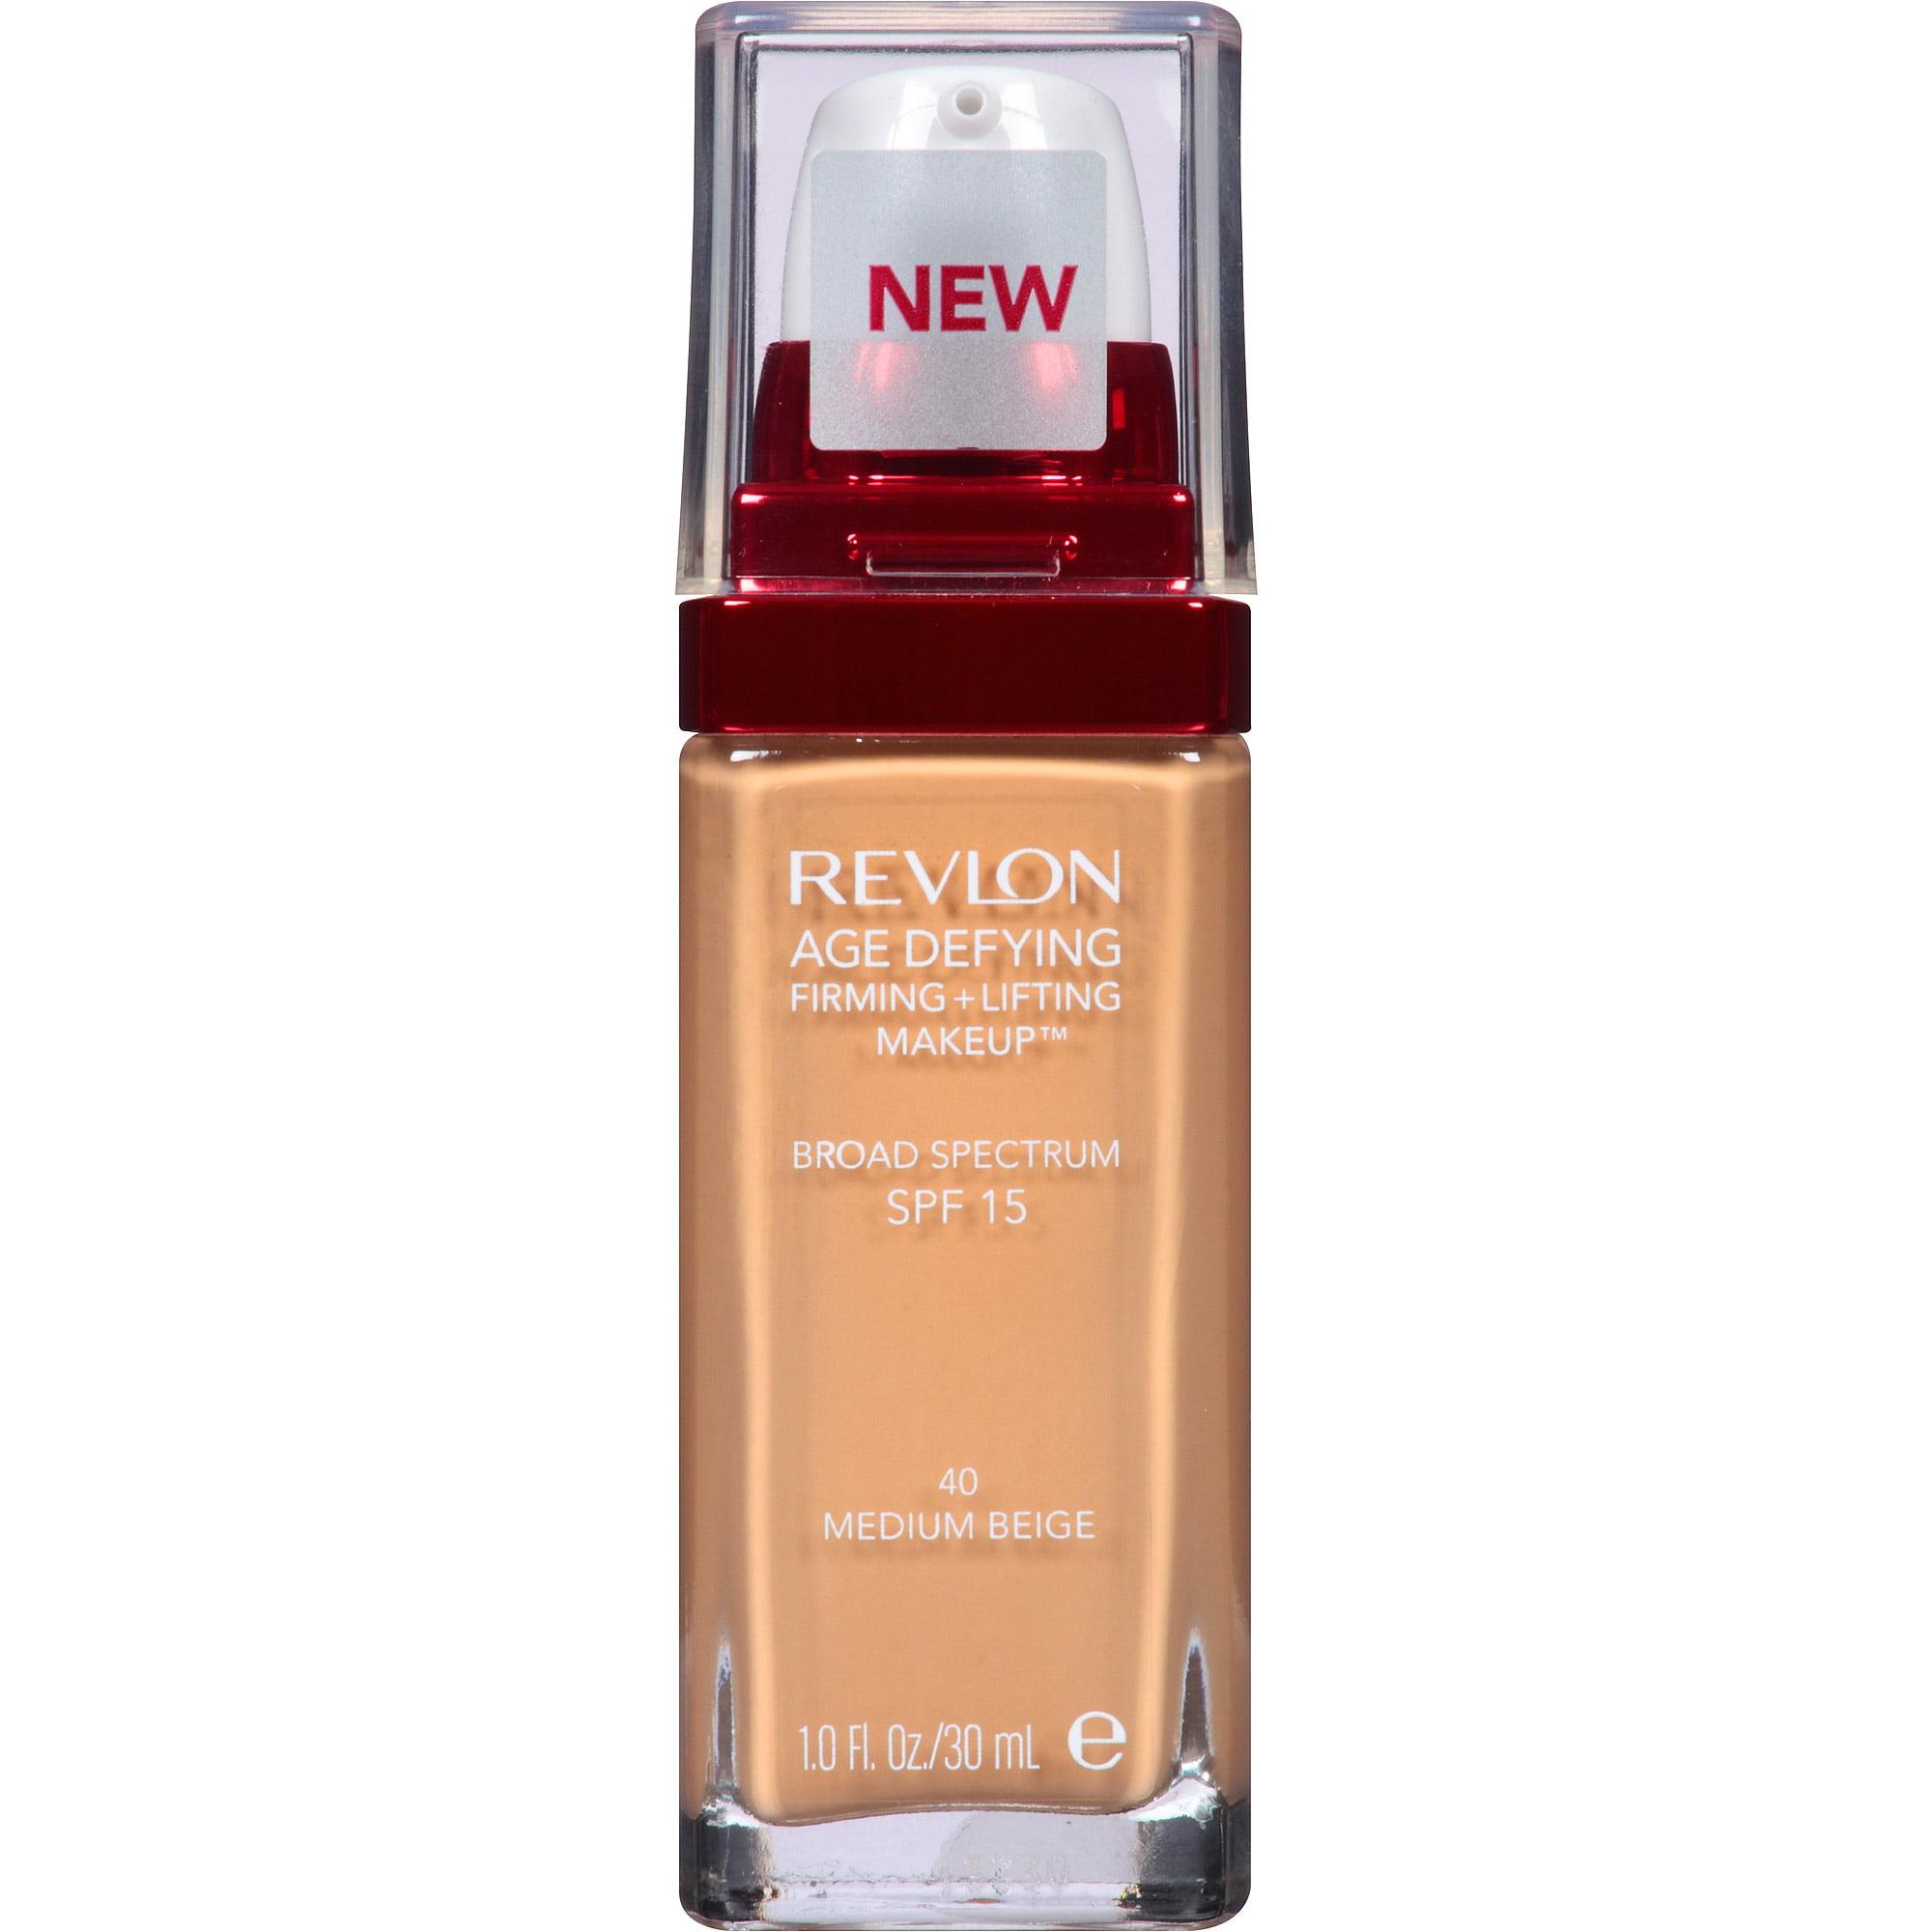 Maquillaje Para El Rostro Revlon edad desafiando reafirmante + Lifting maquillaje, 40 Beige medio, 1 fl oz + Revlon en Veo y Compro